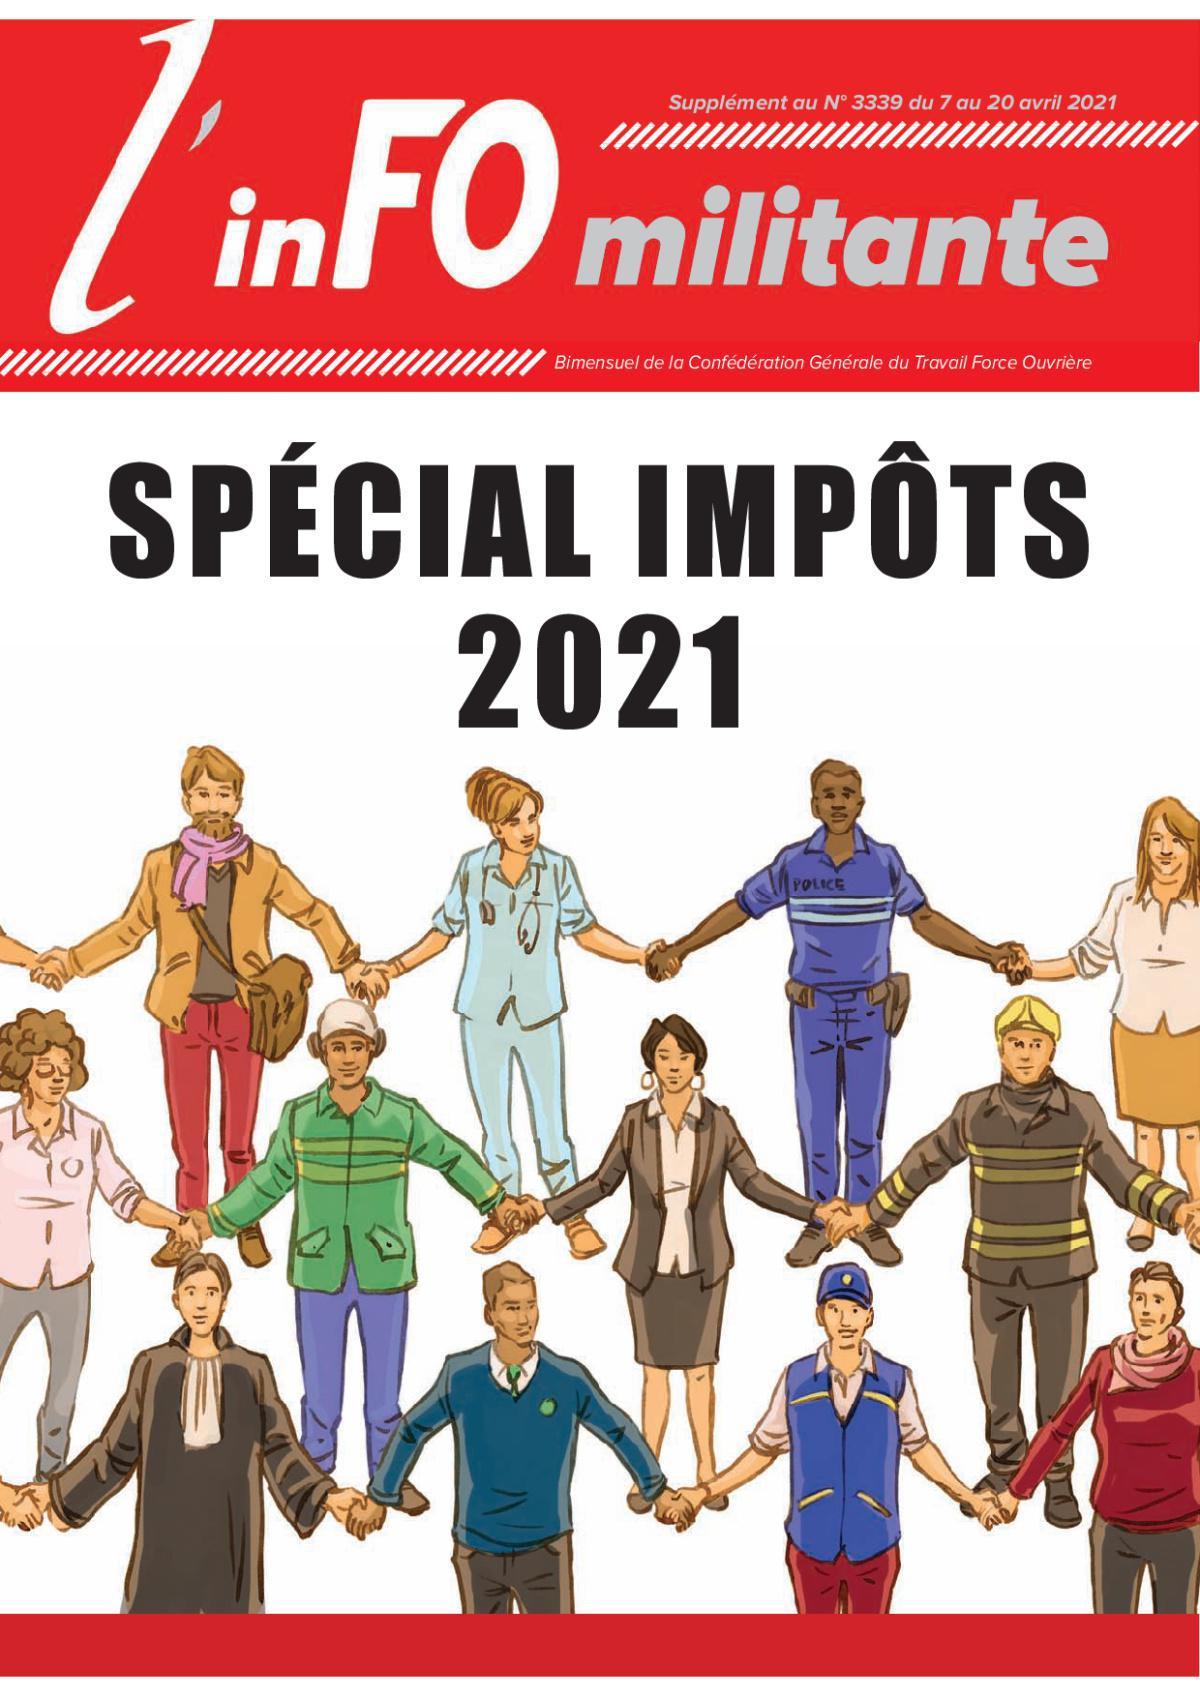 Spécial impôts 2021